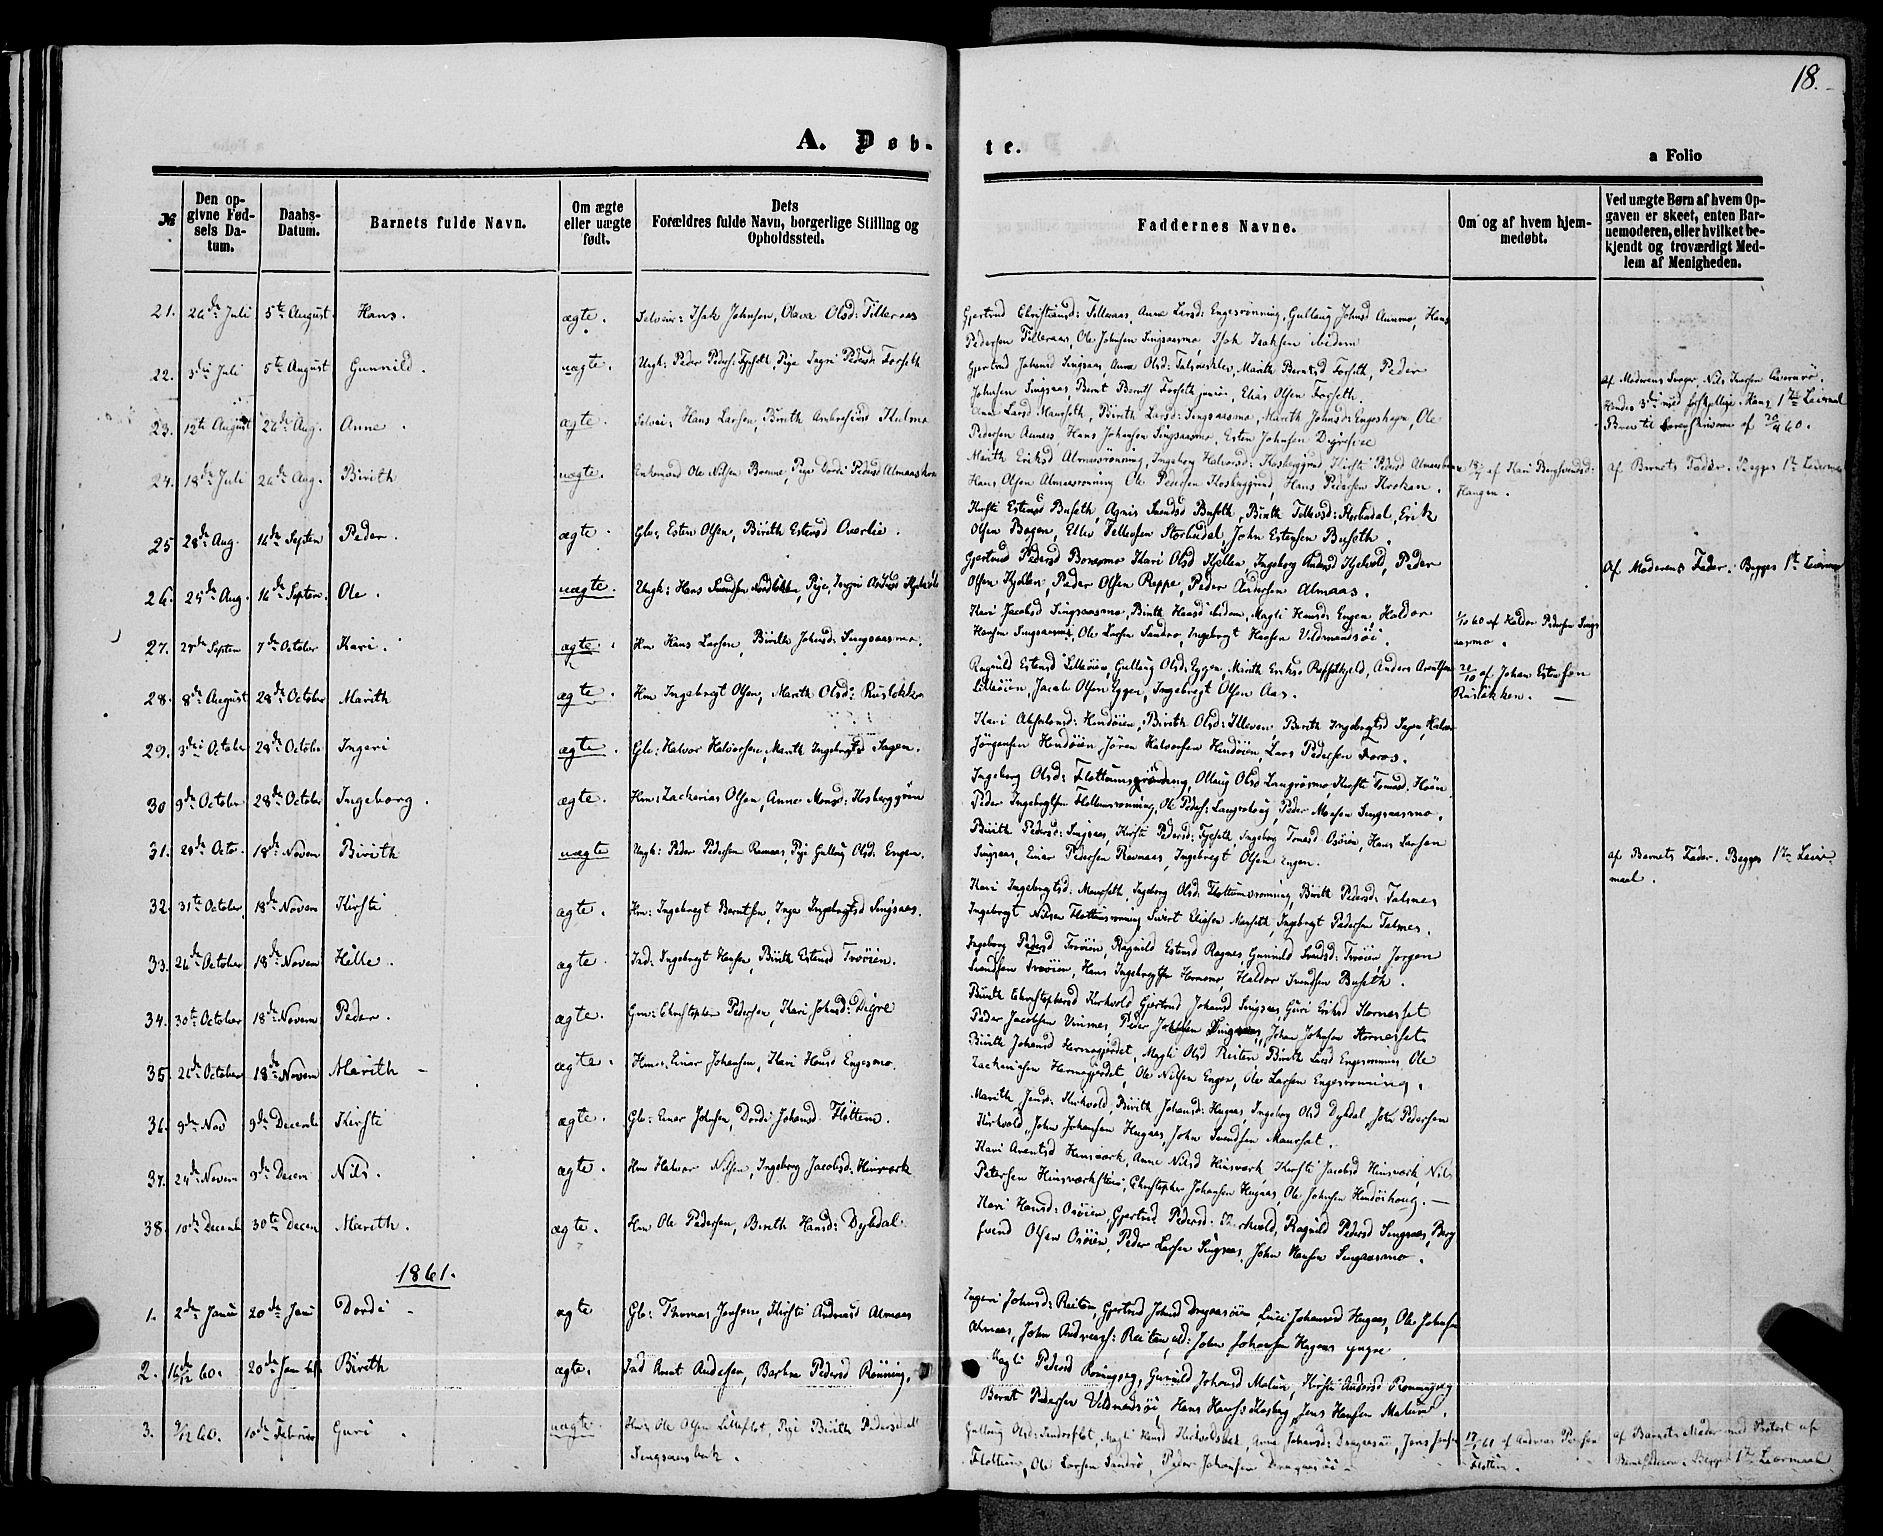 SAT, Ministerialprotokoller, klokkerbøker og fødselsregistre - Sør-Trøndelag, 685/L0967: Ministerialbok nr. 685A07 /2, 1860-1869, s. 18